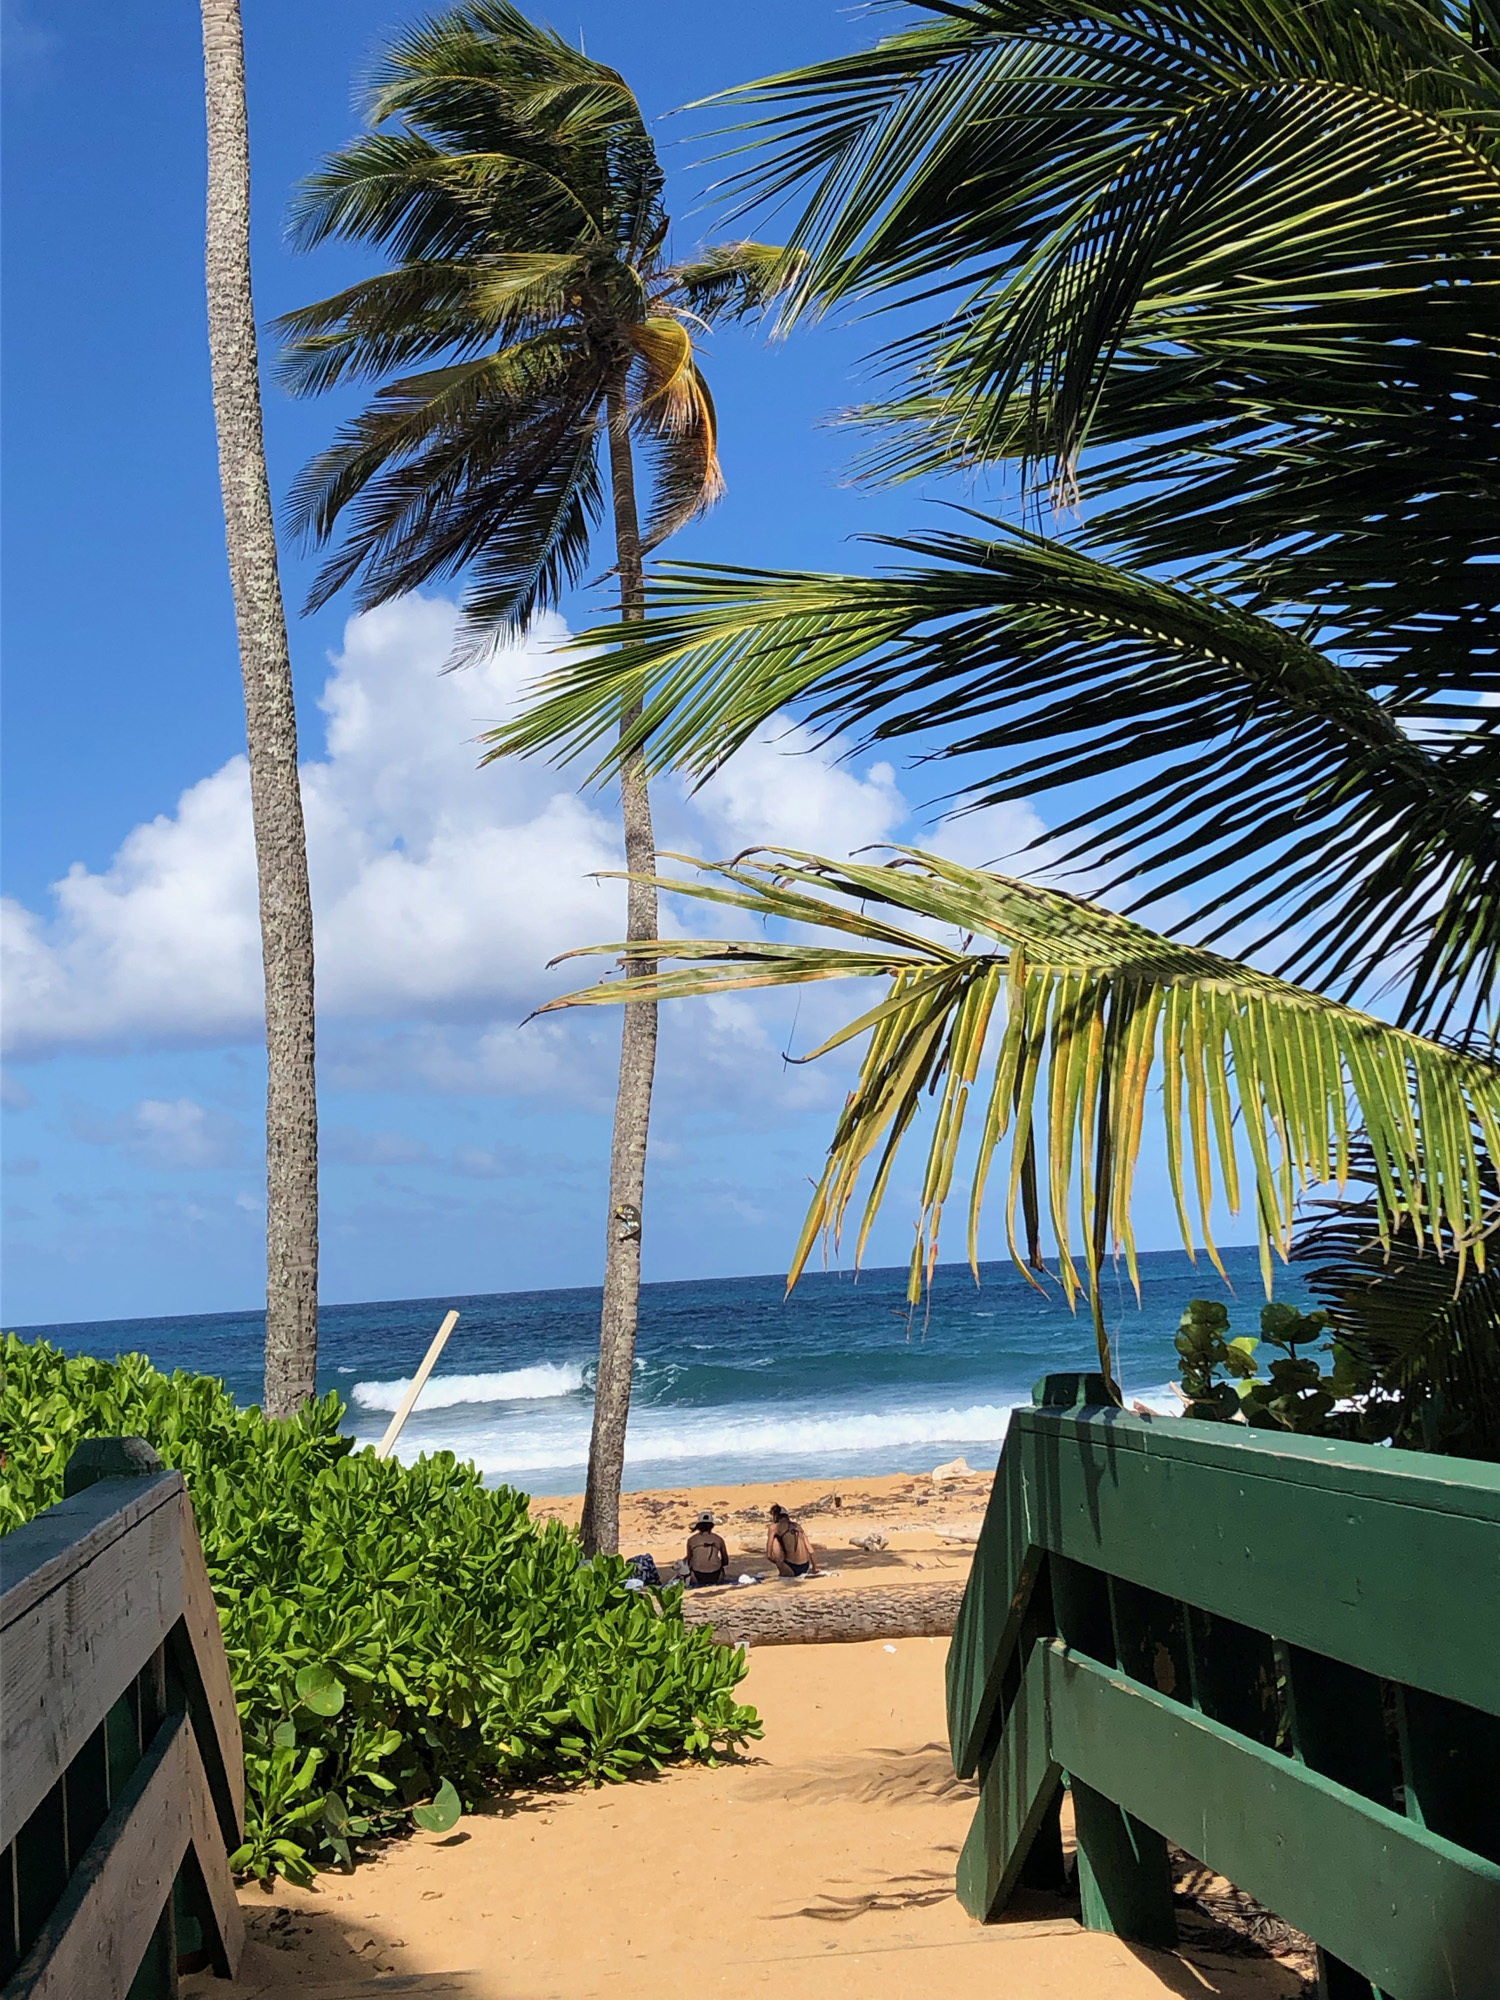 Puerto-Rico-Kiosk-beach-walkway ▷ Acabo de volver de: San Juan, Puerto Rico